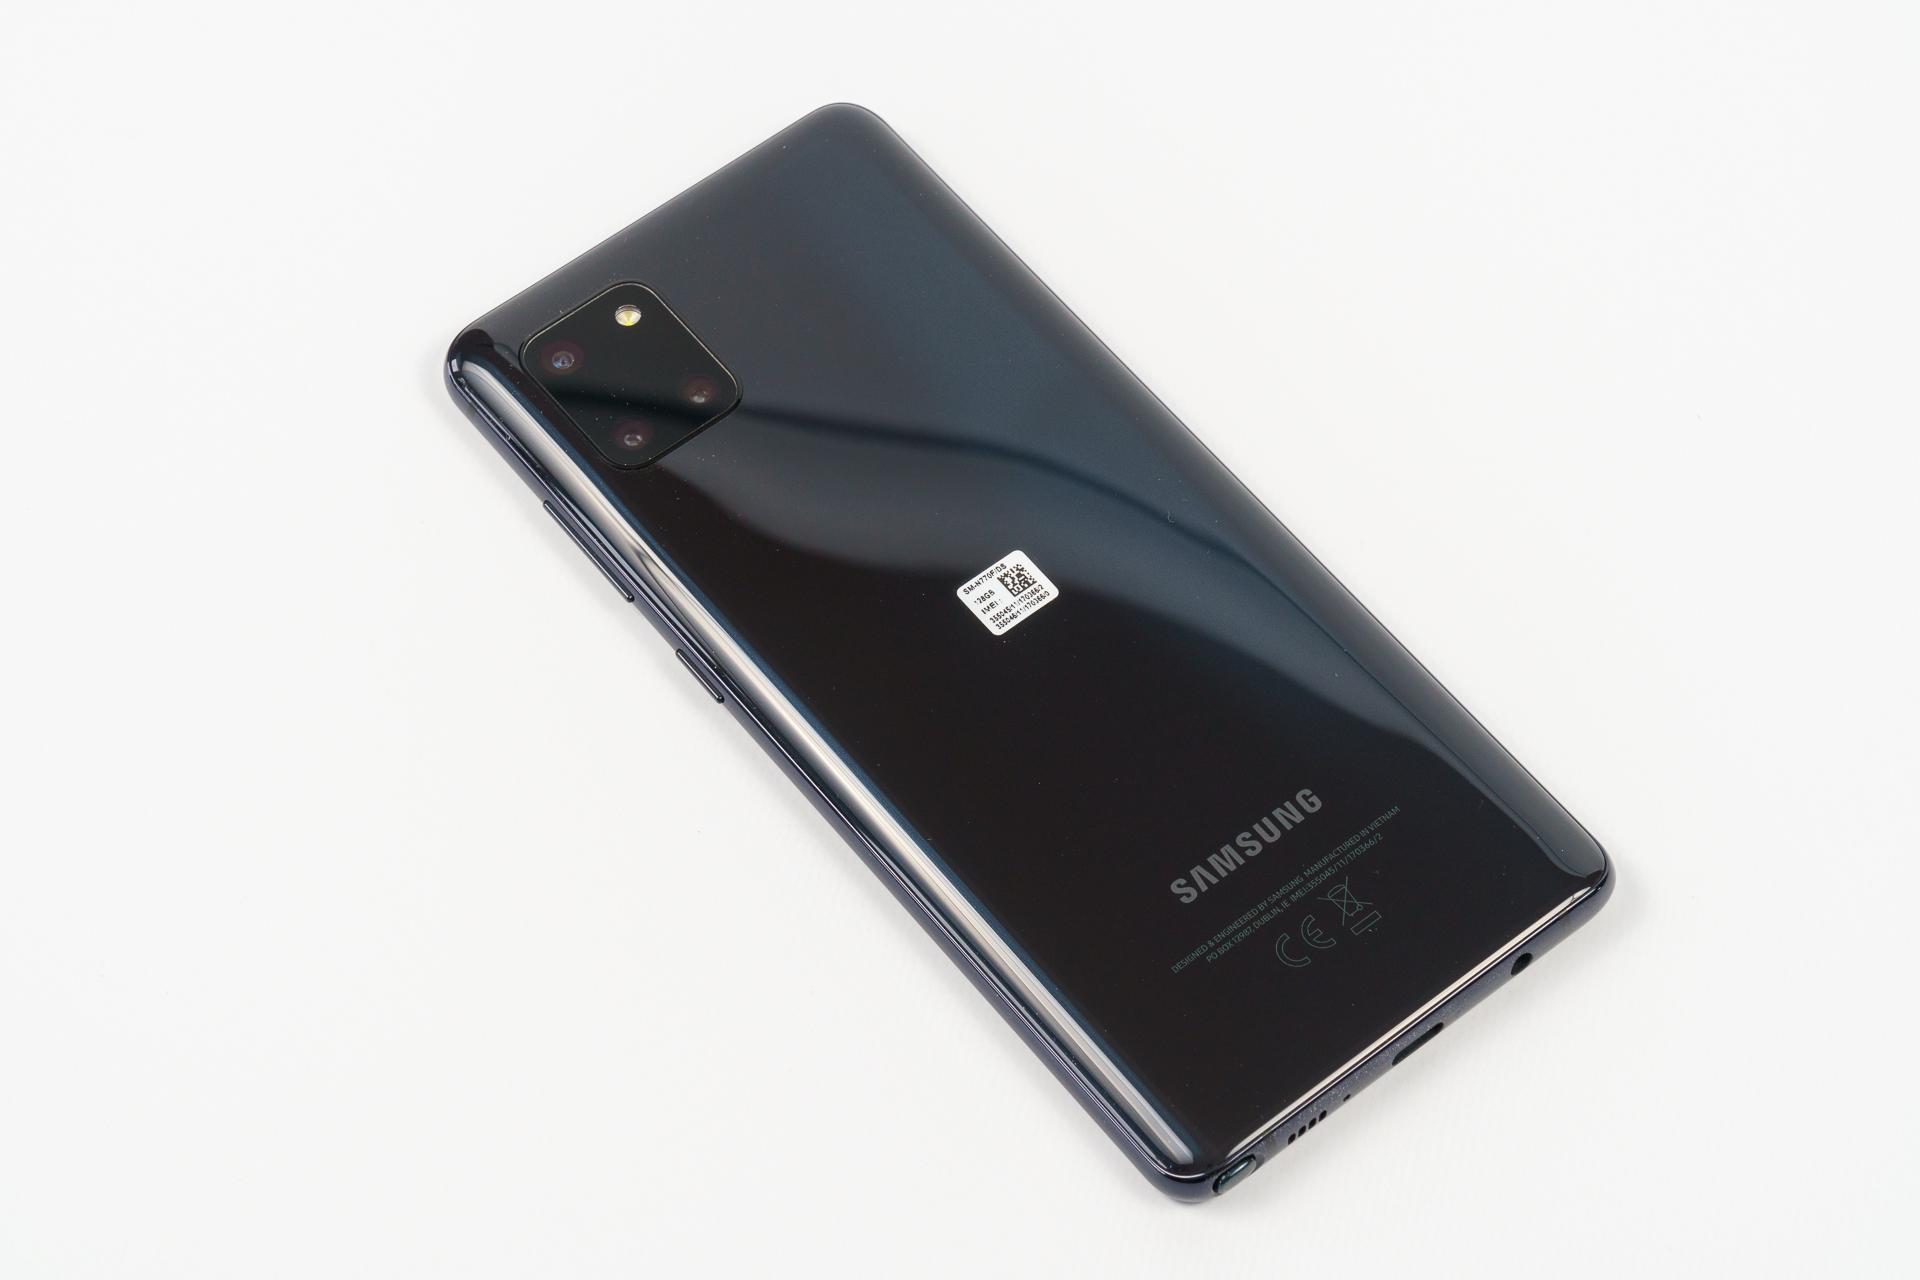 Recenzja Samsunga Galaxy Note 10 Lite. Czy budżetowy Note ma sens? 26